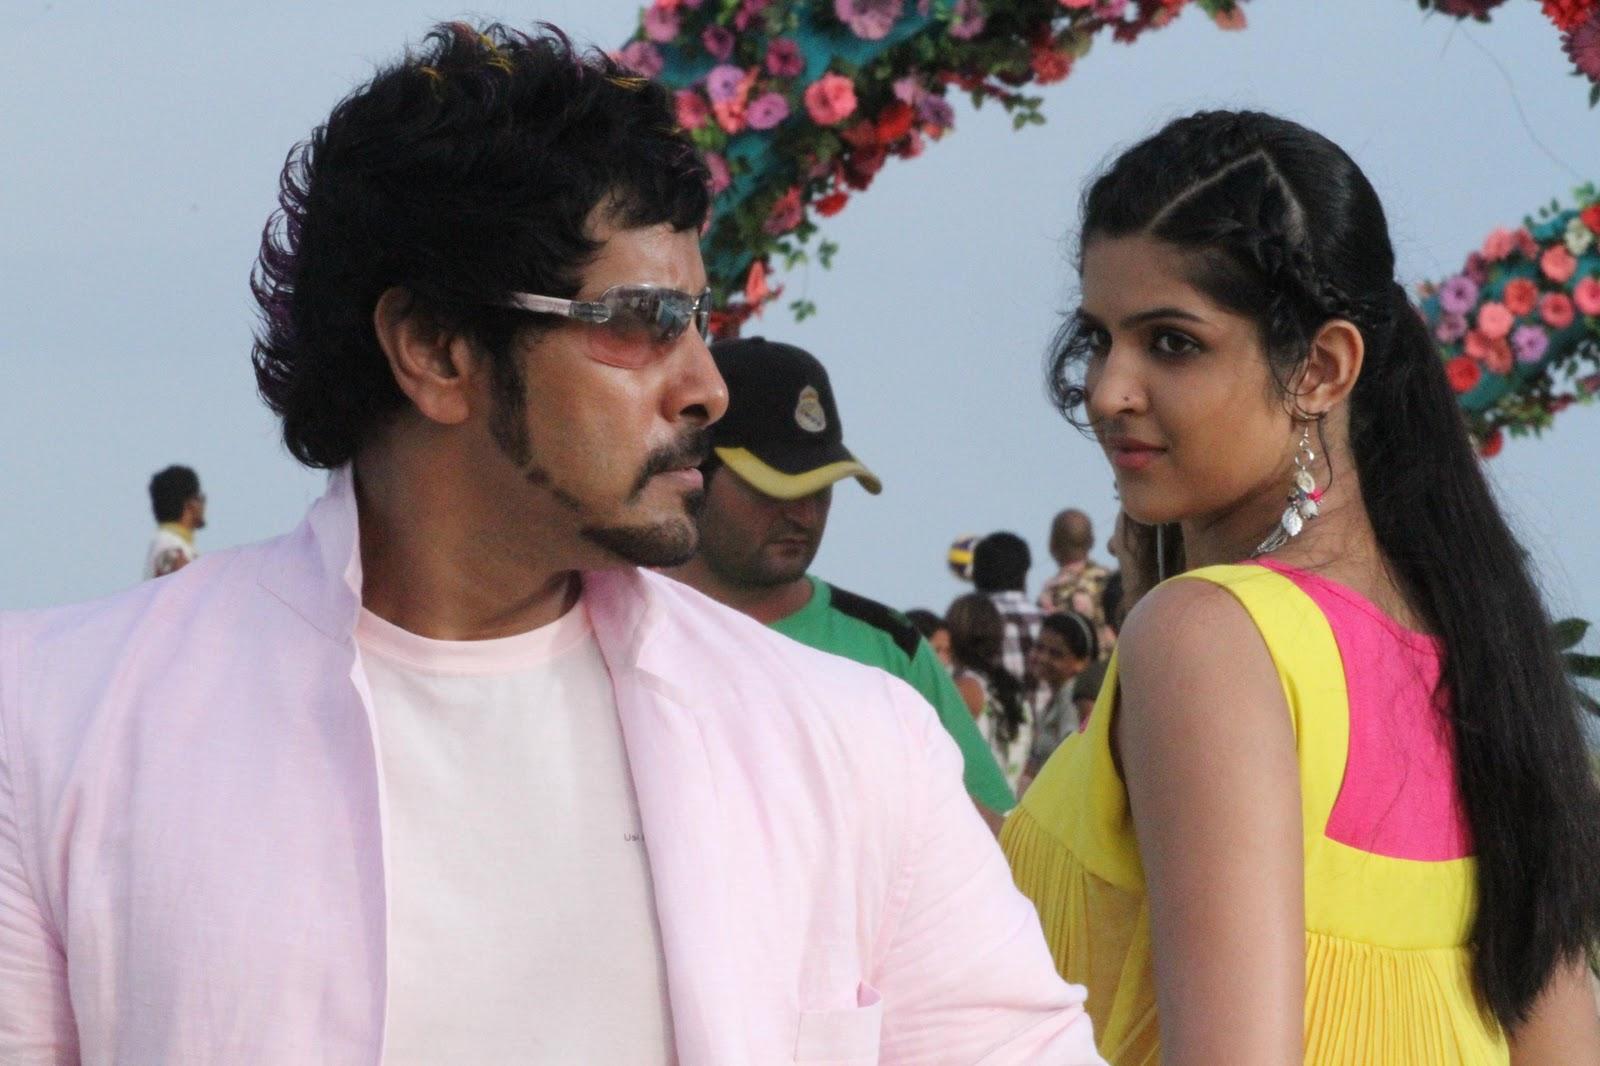 new tamil movie download kuttymovies